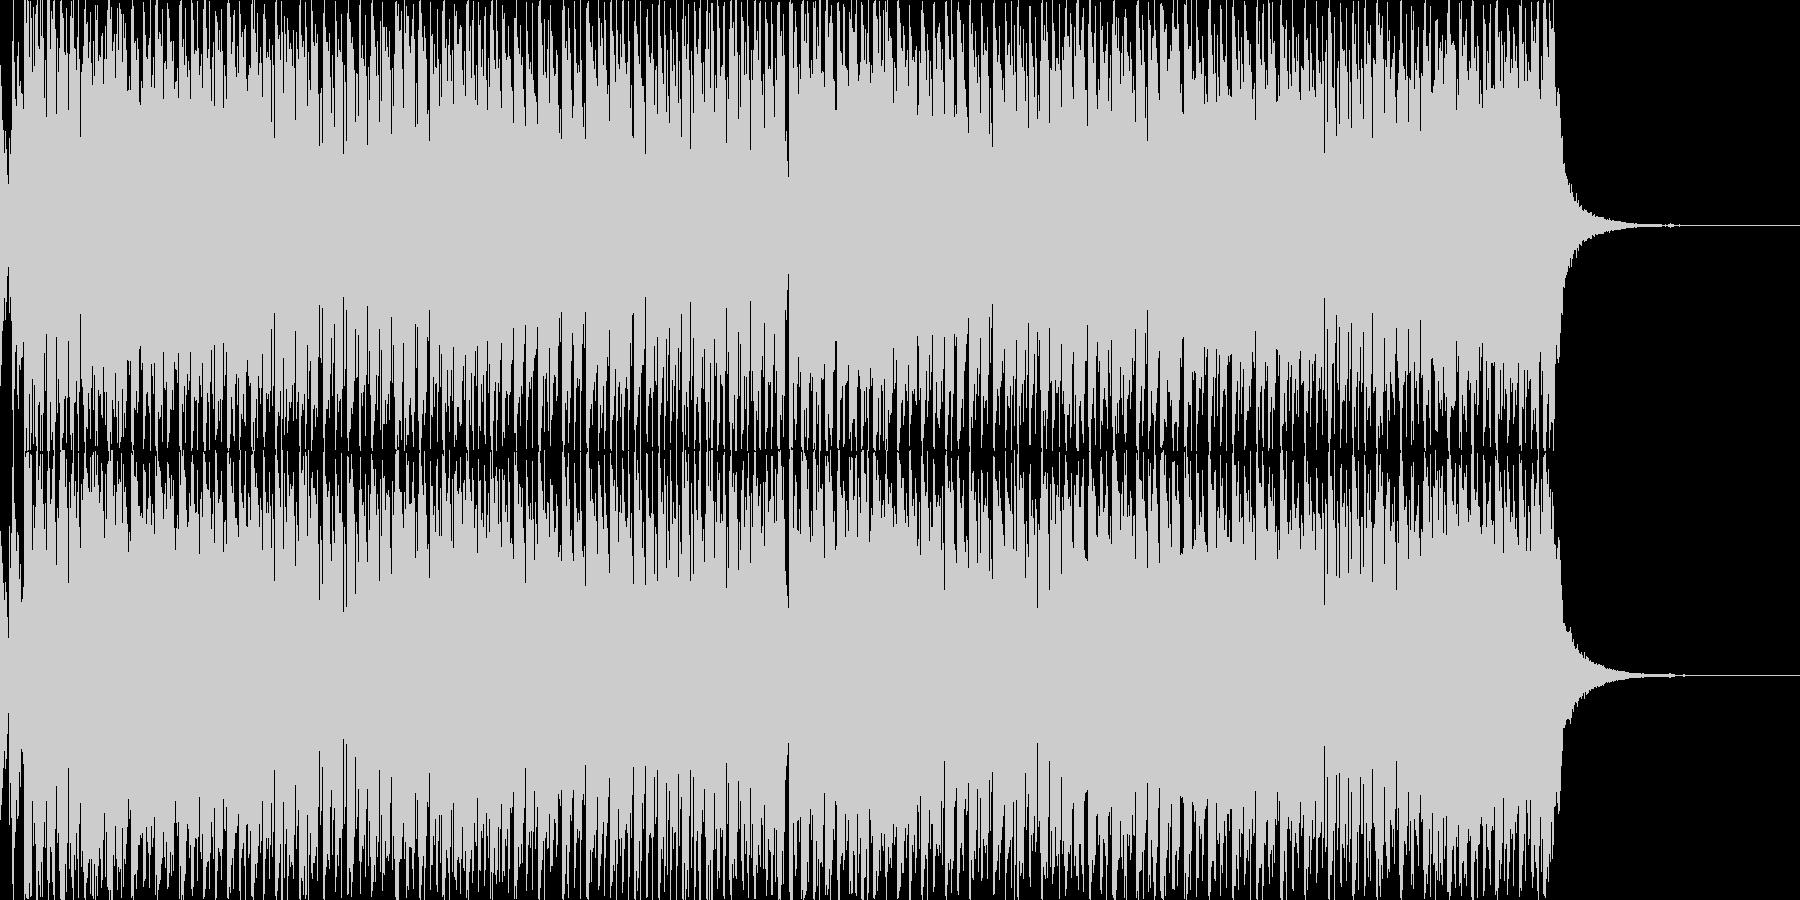 明るく爽快なエレクトロダンスBGMの未再生の波形